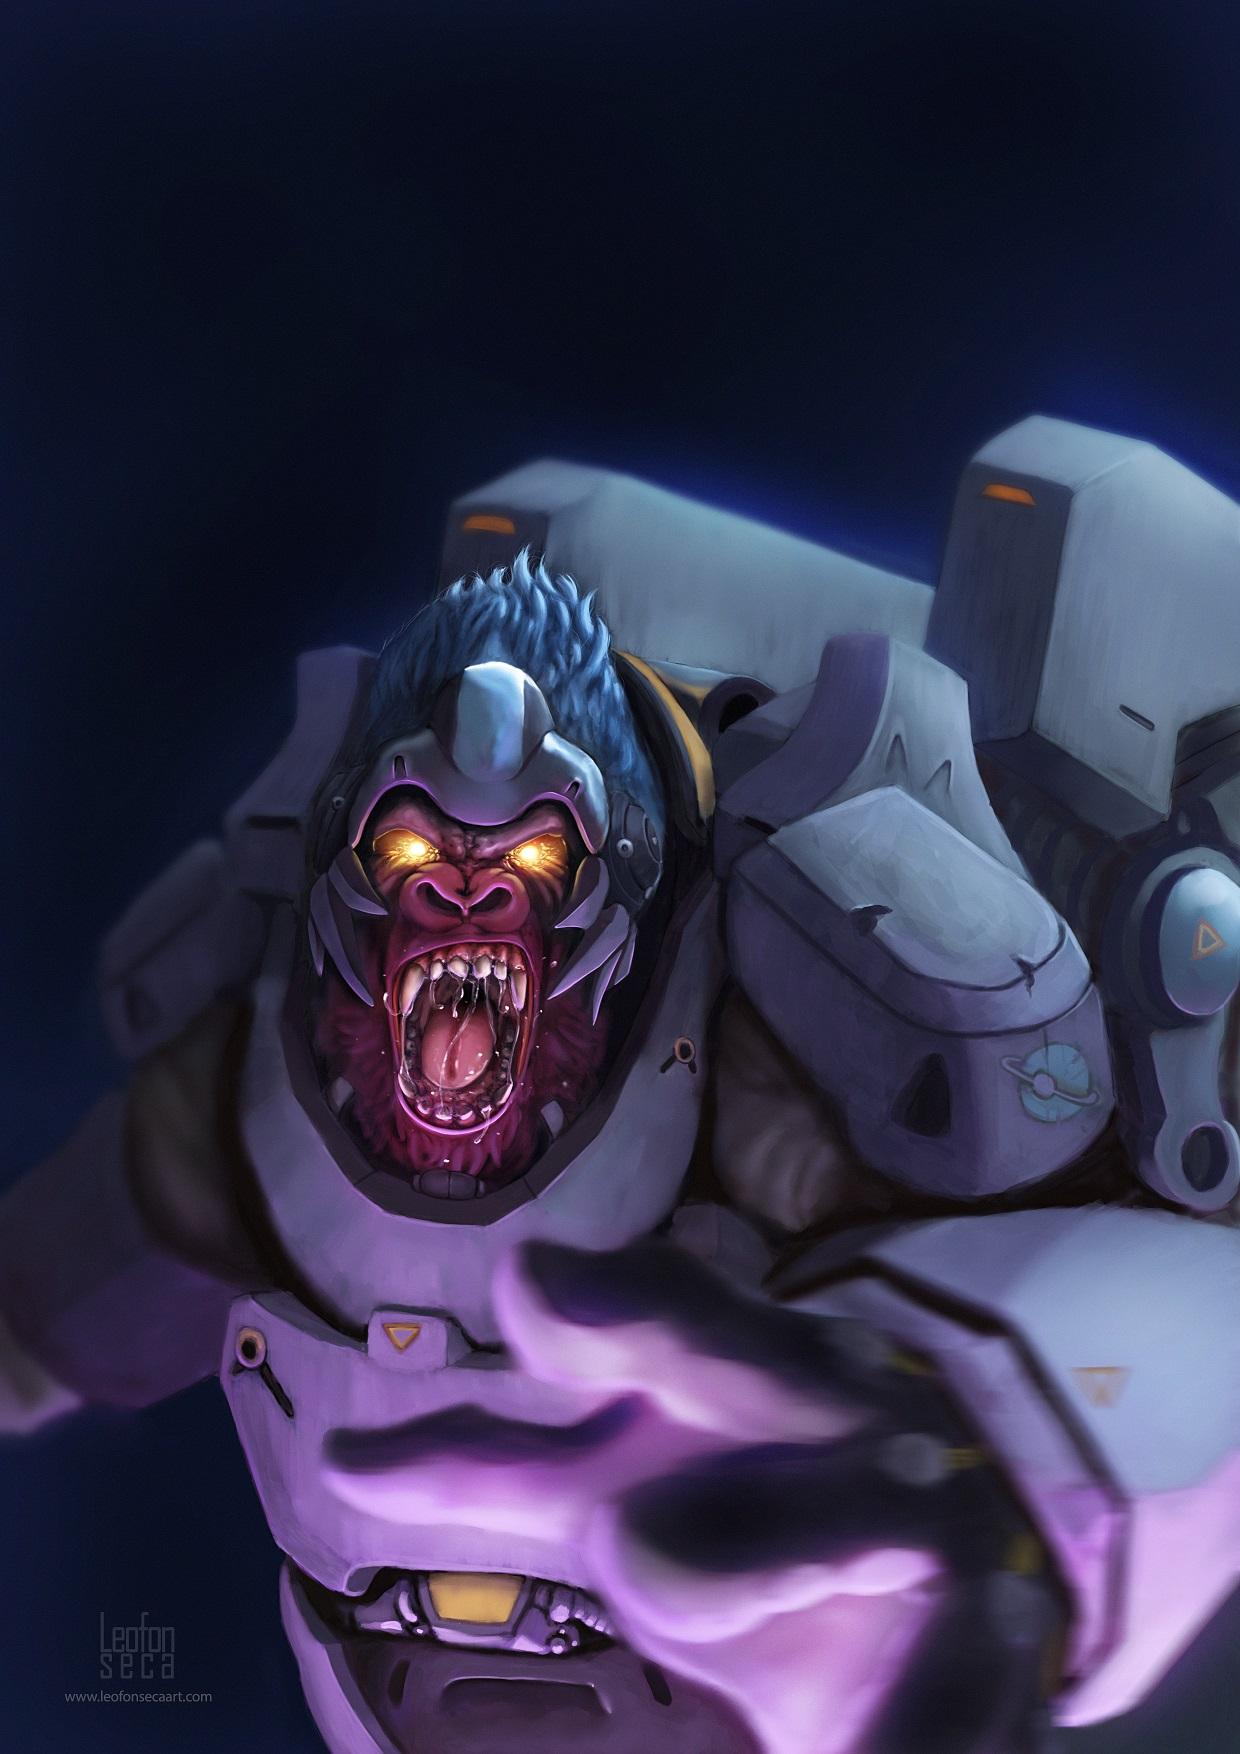 Winston Overwatch - Fan art